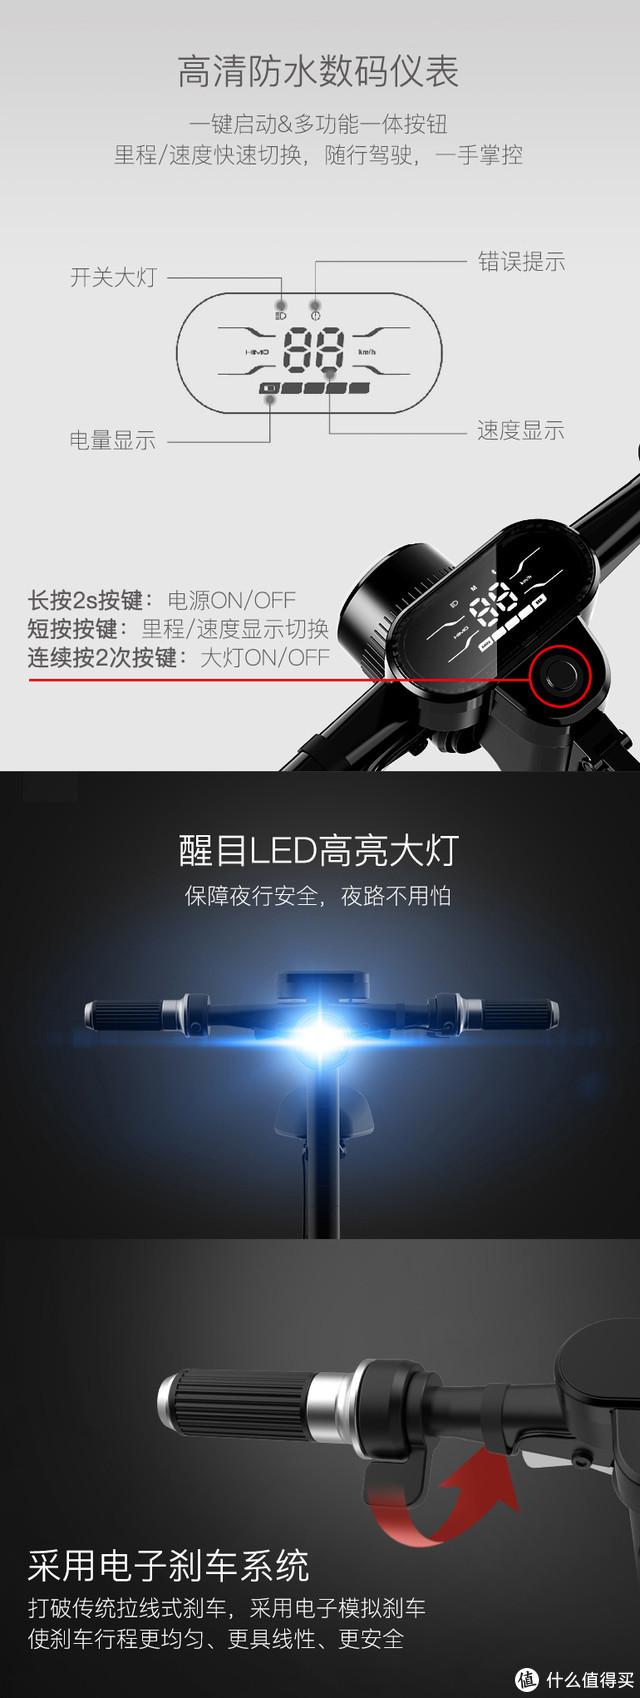 一个重庆崽儿关于himo电动车的吐槽大会